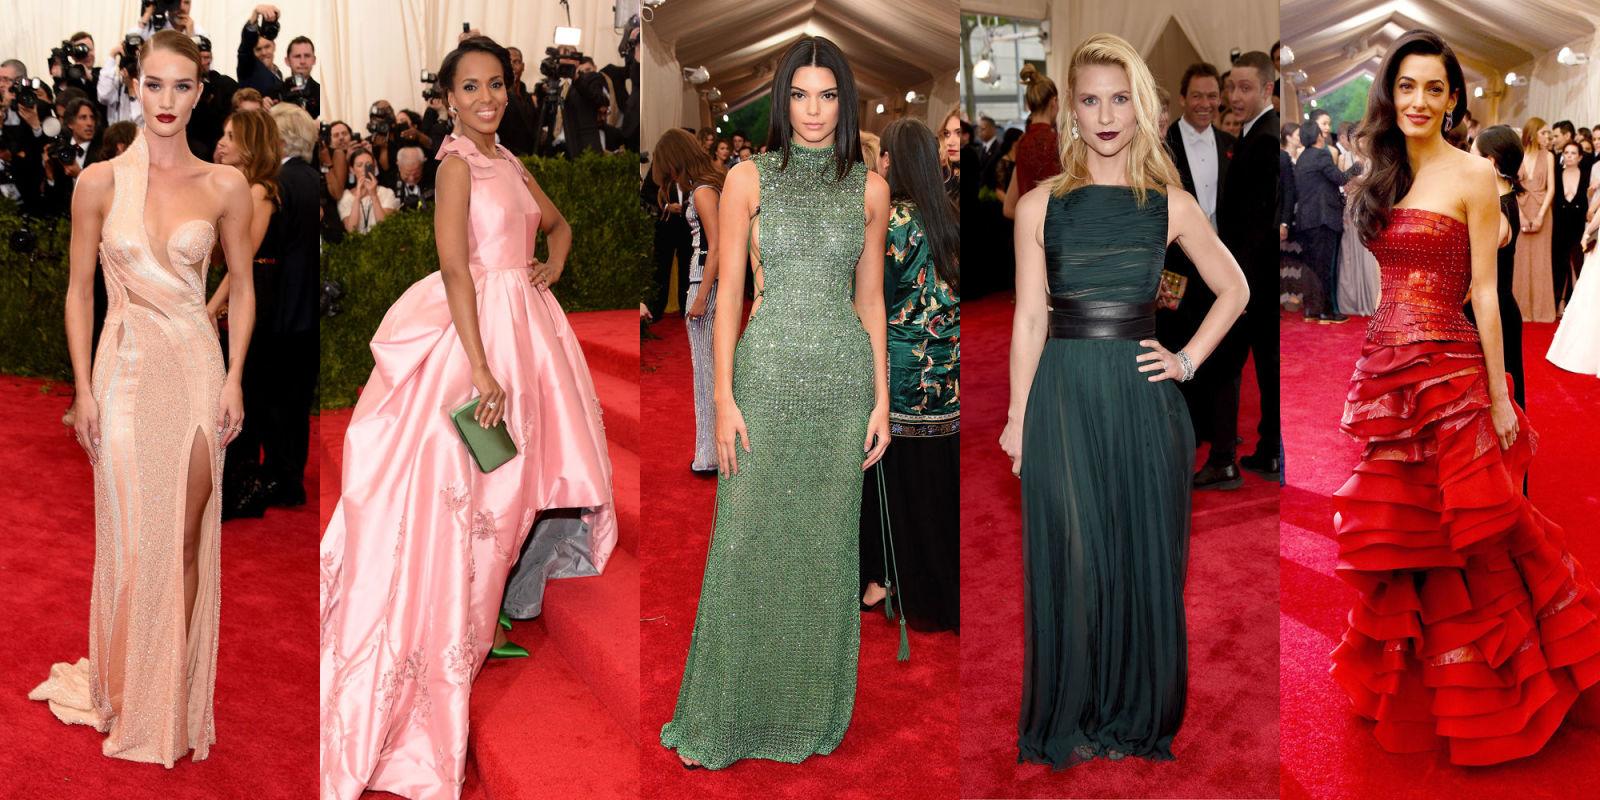 Met Gala Dresses 2015